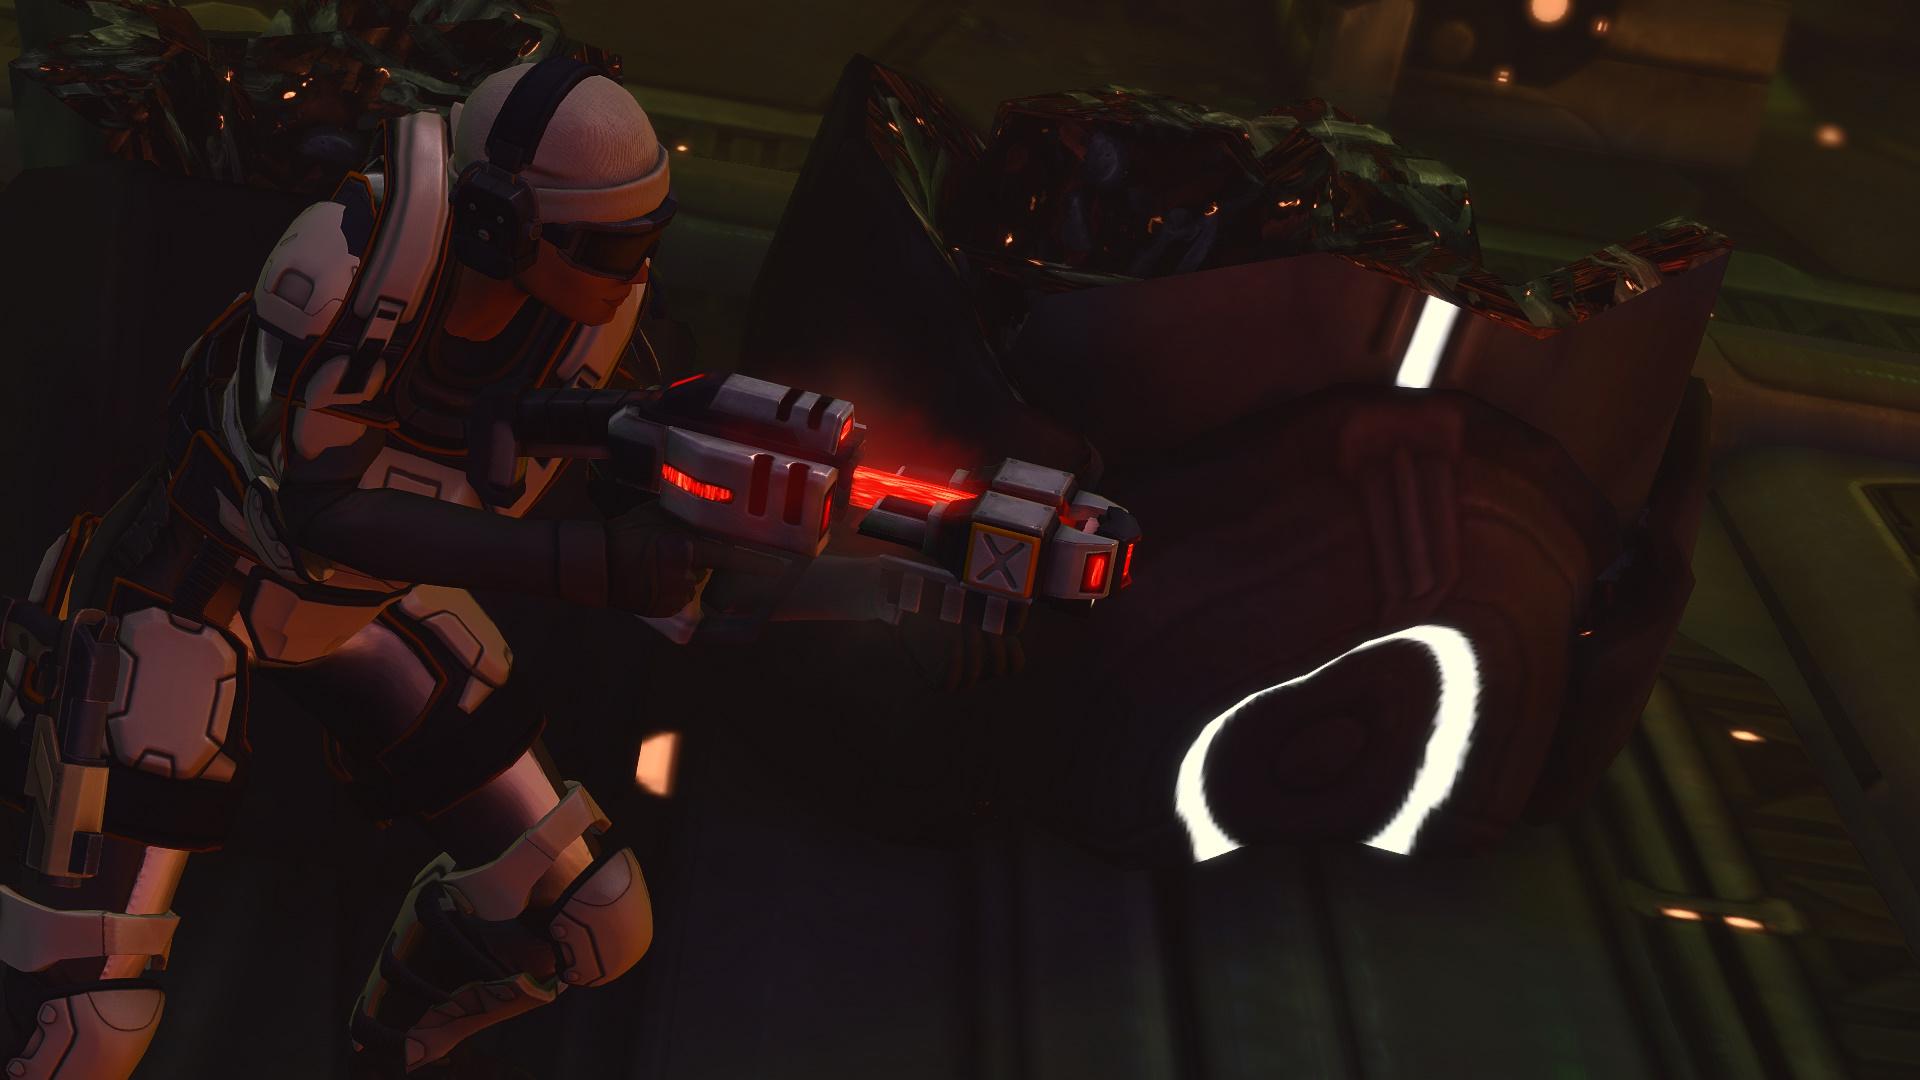 xcomgame 2017-09-05 00-34-37-126.jpg - XCOM: Enemy Unknown